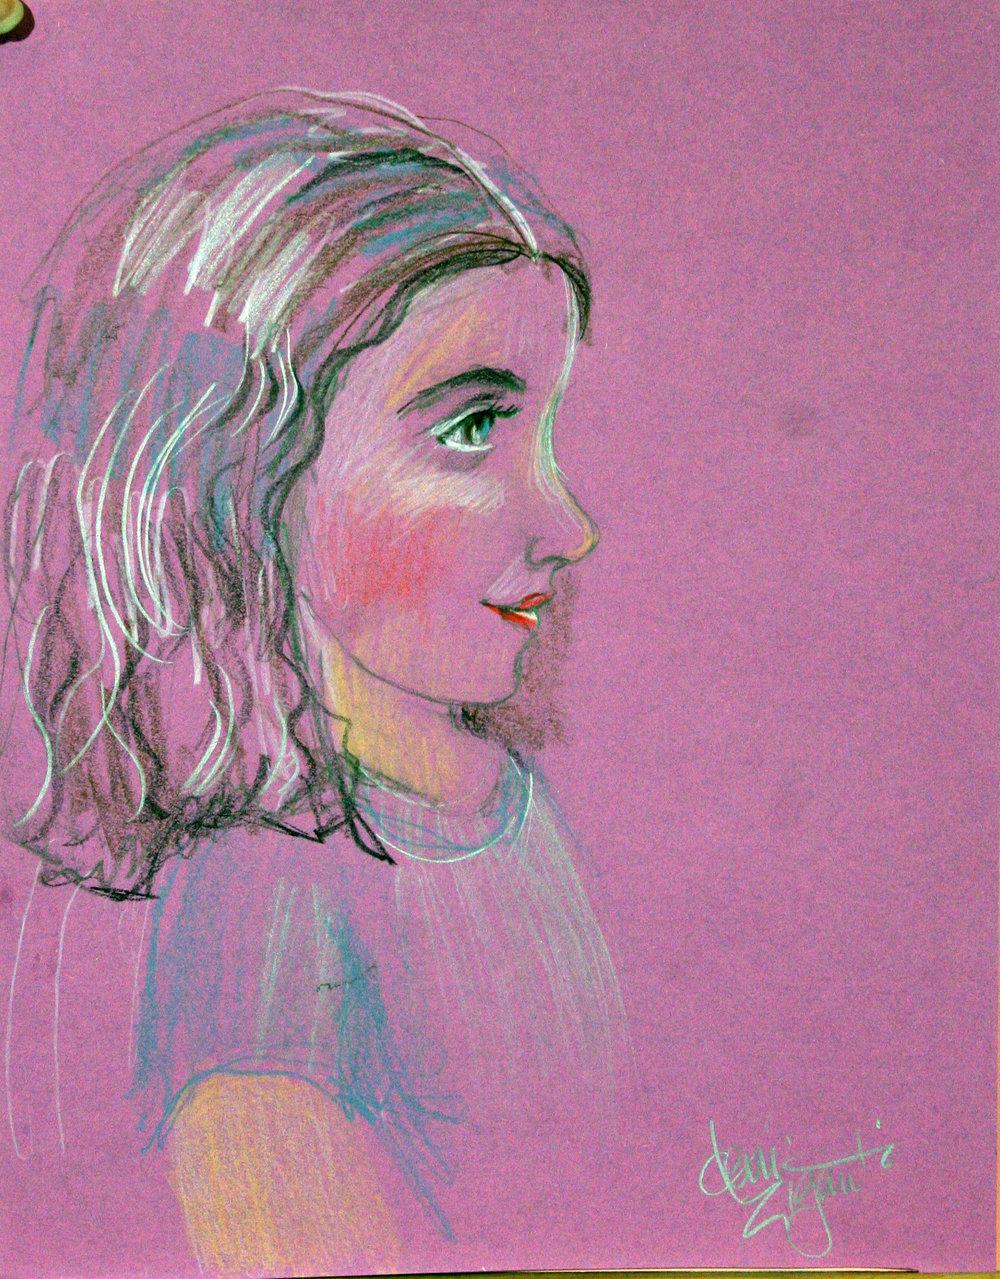 Deni Ziganti did this drawing of Winnie.